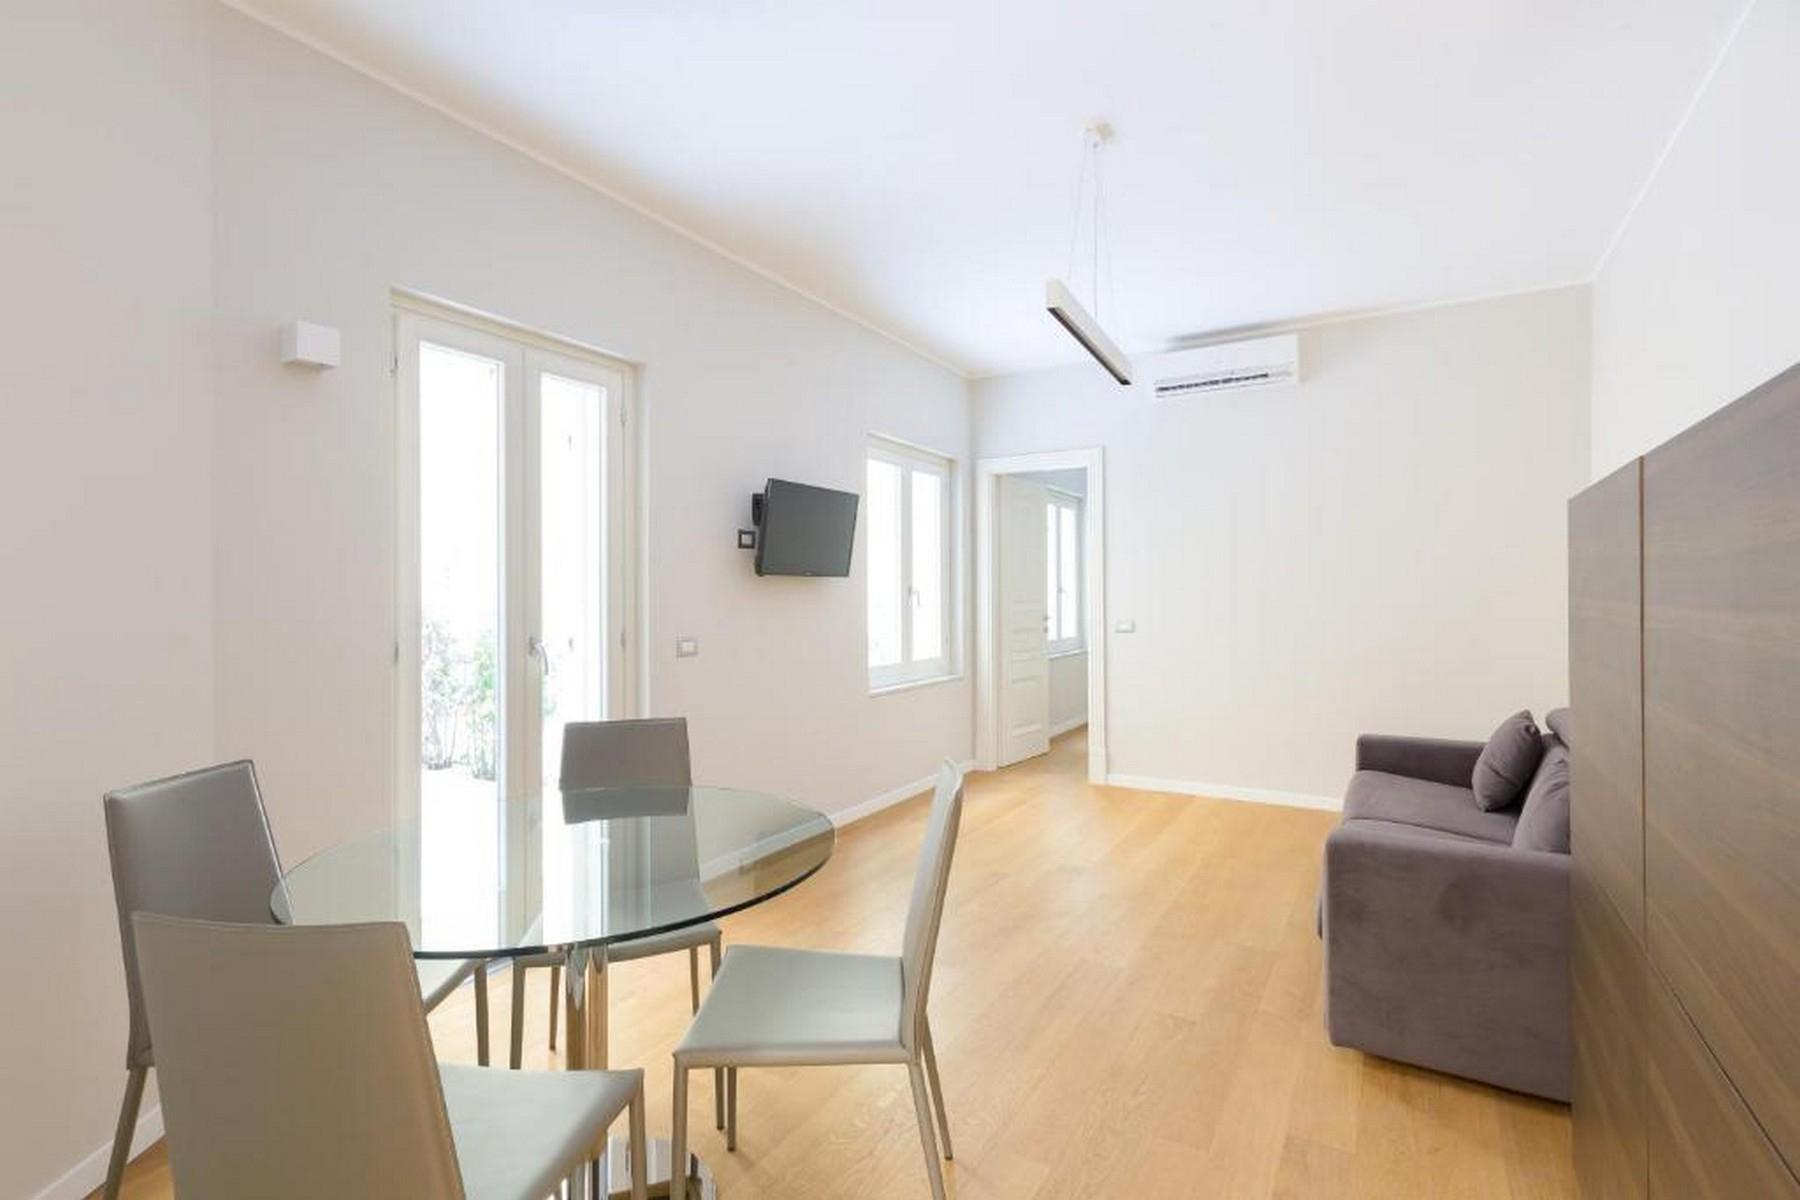 Appartamento in Affitto a Roma 01 Centro Storico: 3 locali, 68 mq